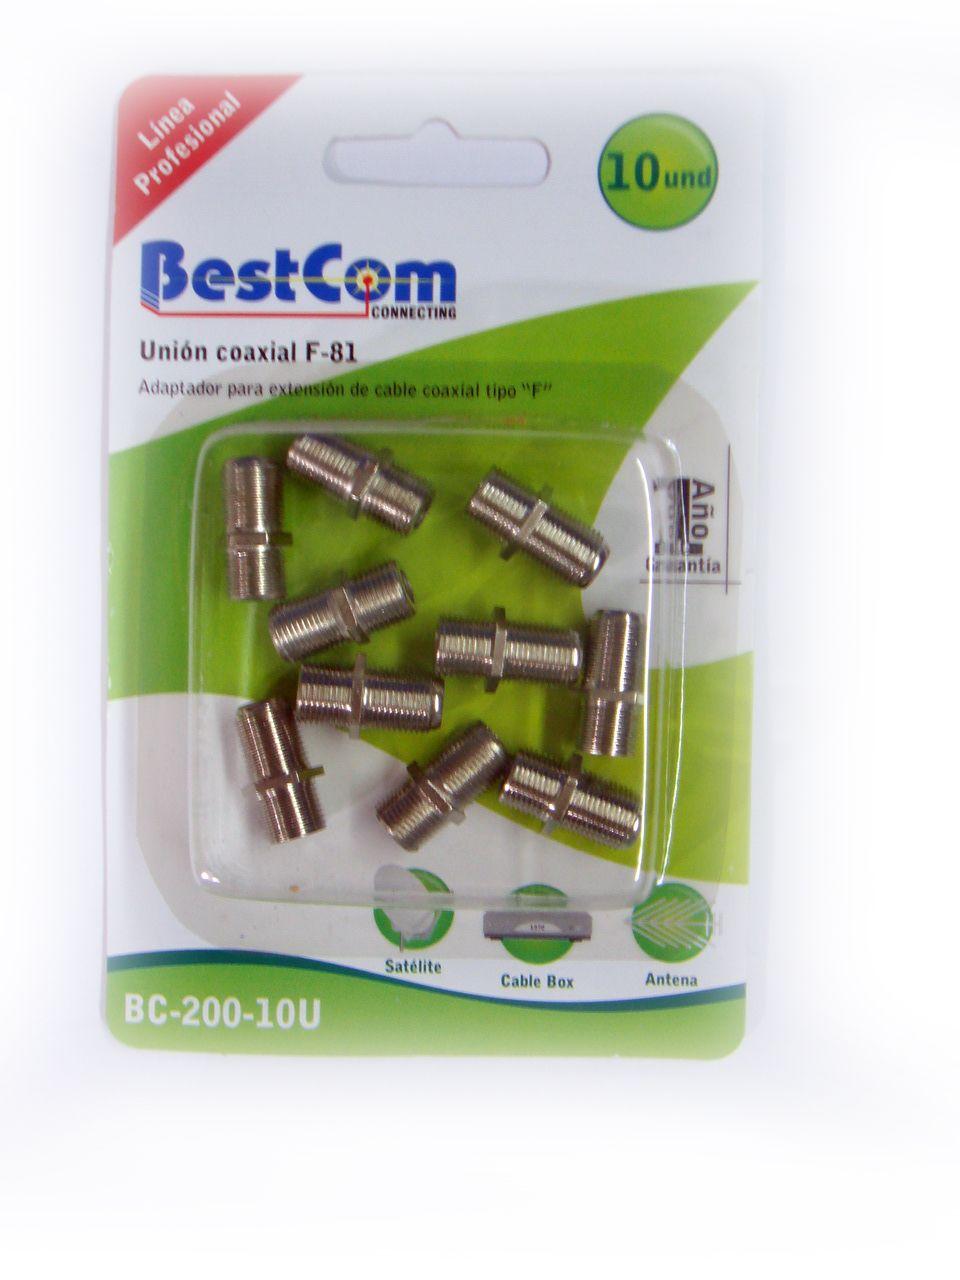 F81 uniones cable coaxial Bestcom  BC-200-10V  Encuentra este producto en Cable Servicios S.A.   ventas@cableservicios.com  Tels: (57) 310 206 08 10  (57) 1 224 14 87 / 224 14 89  Skype: Cableservicios  Síguenos en:  Facebook: www.facebook/cableserv  Twitter: @Cable_Serv  www.cableservicios.com